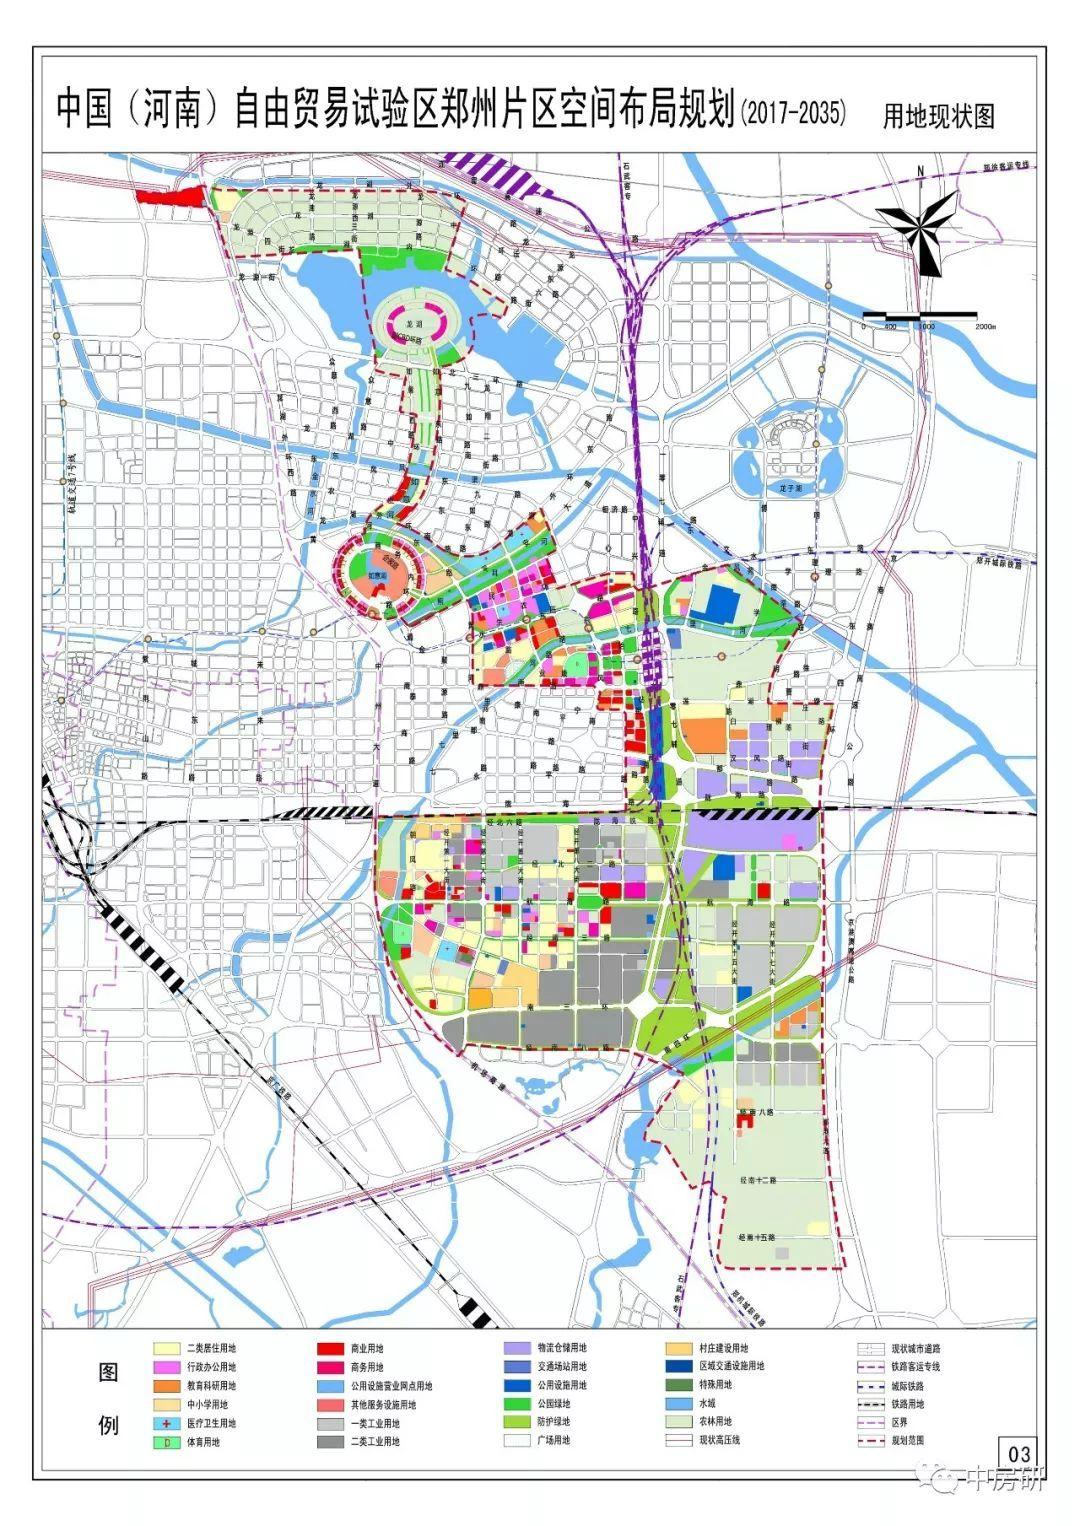 重磅 河南自贸区郑州片区规划公示出炉 金水 东区 经开等土地规划重大调整